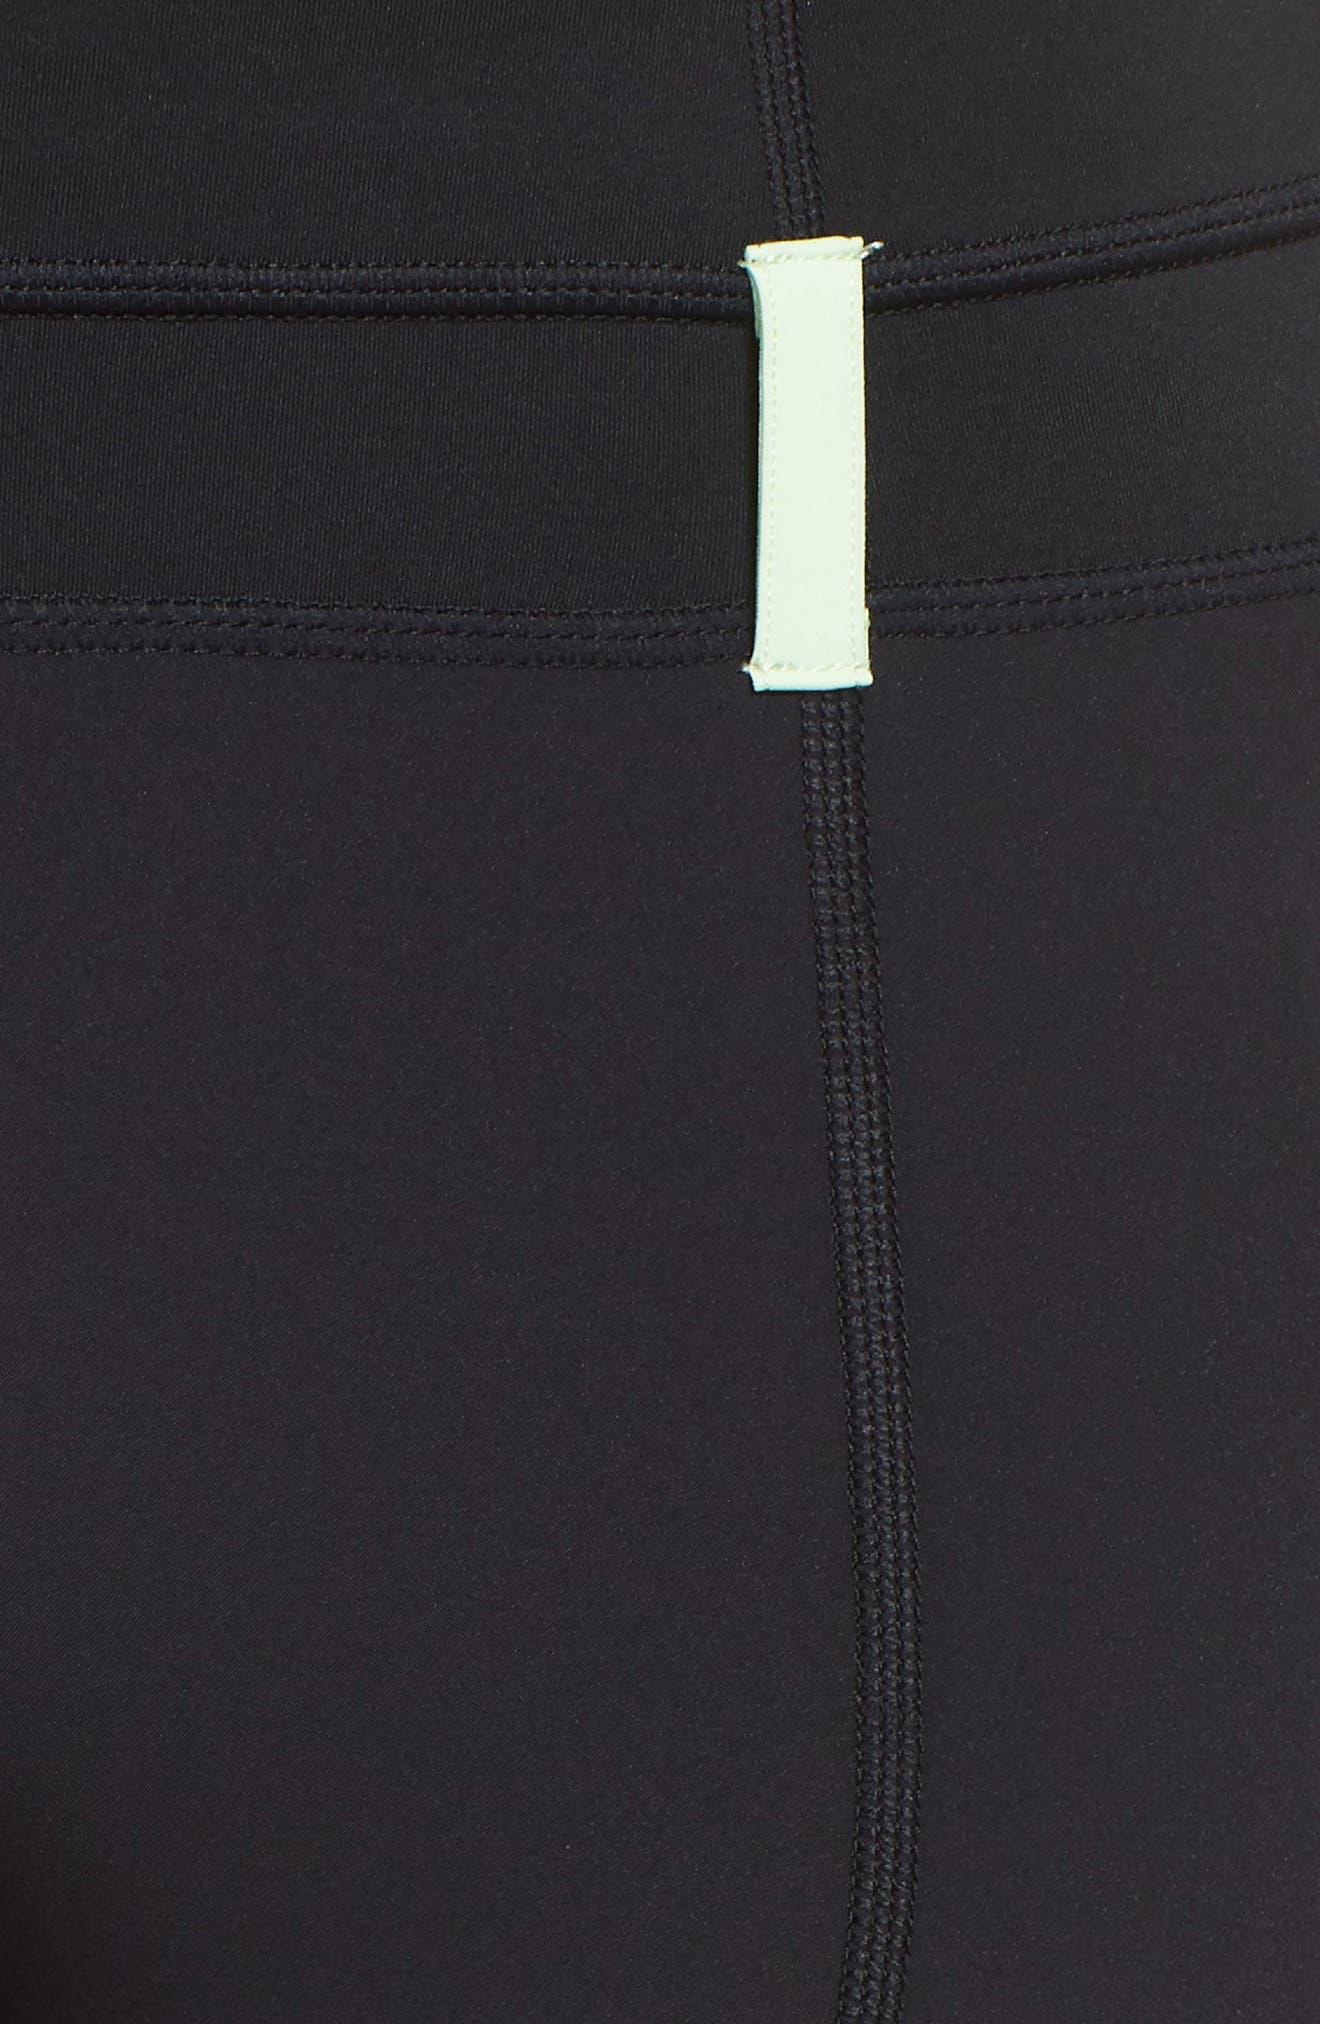 NRG Women's Dri-FIT Tights,                             Alternate thumbnail 6, color,                             BLACK/ VAPOR GREEN/ BLACK